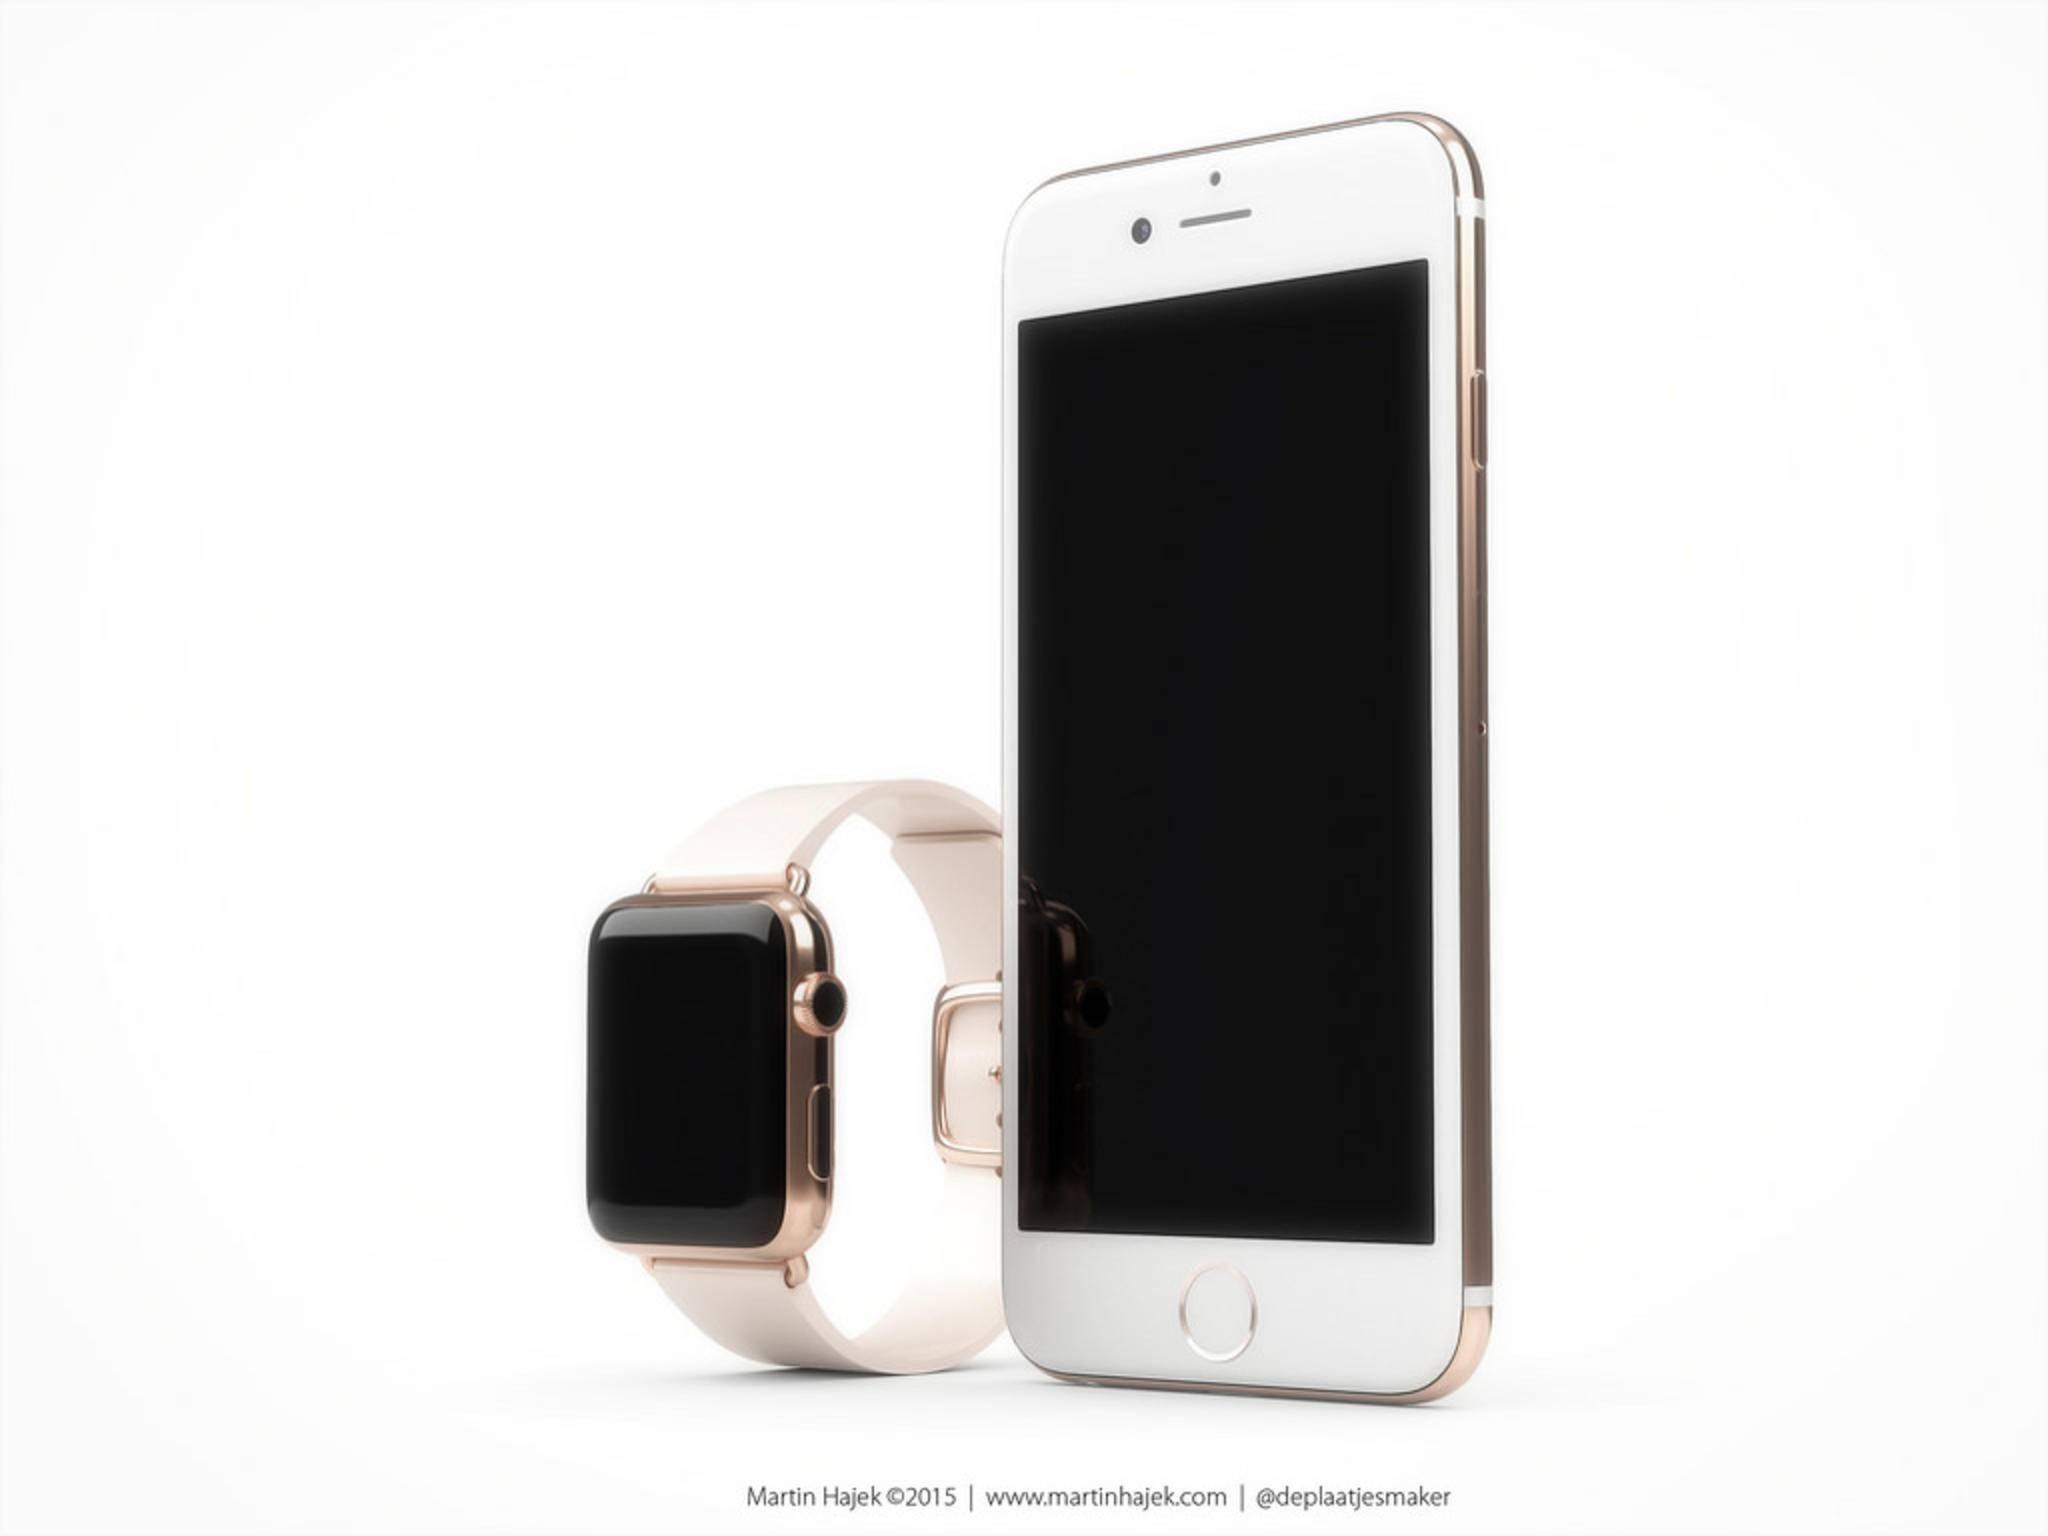 Das iPhone 6s in Roségold.